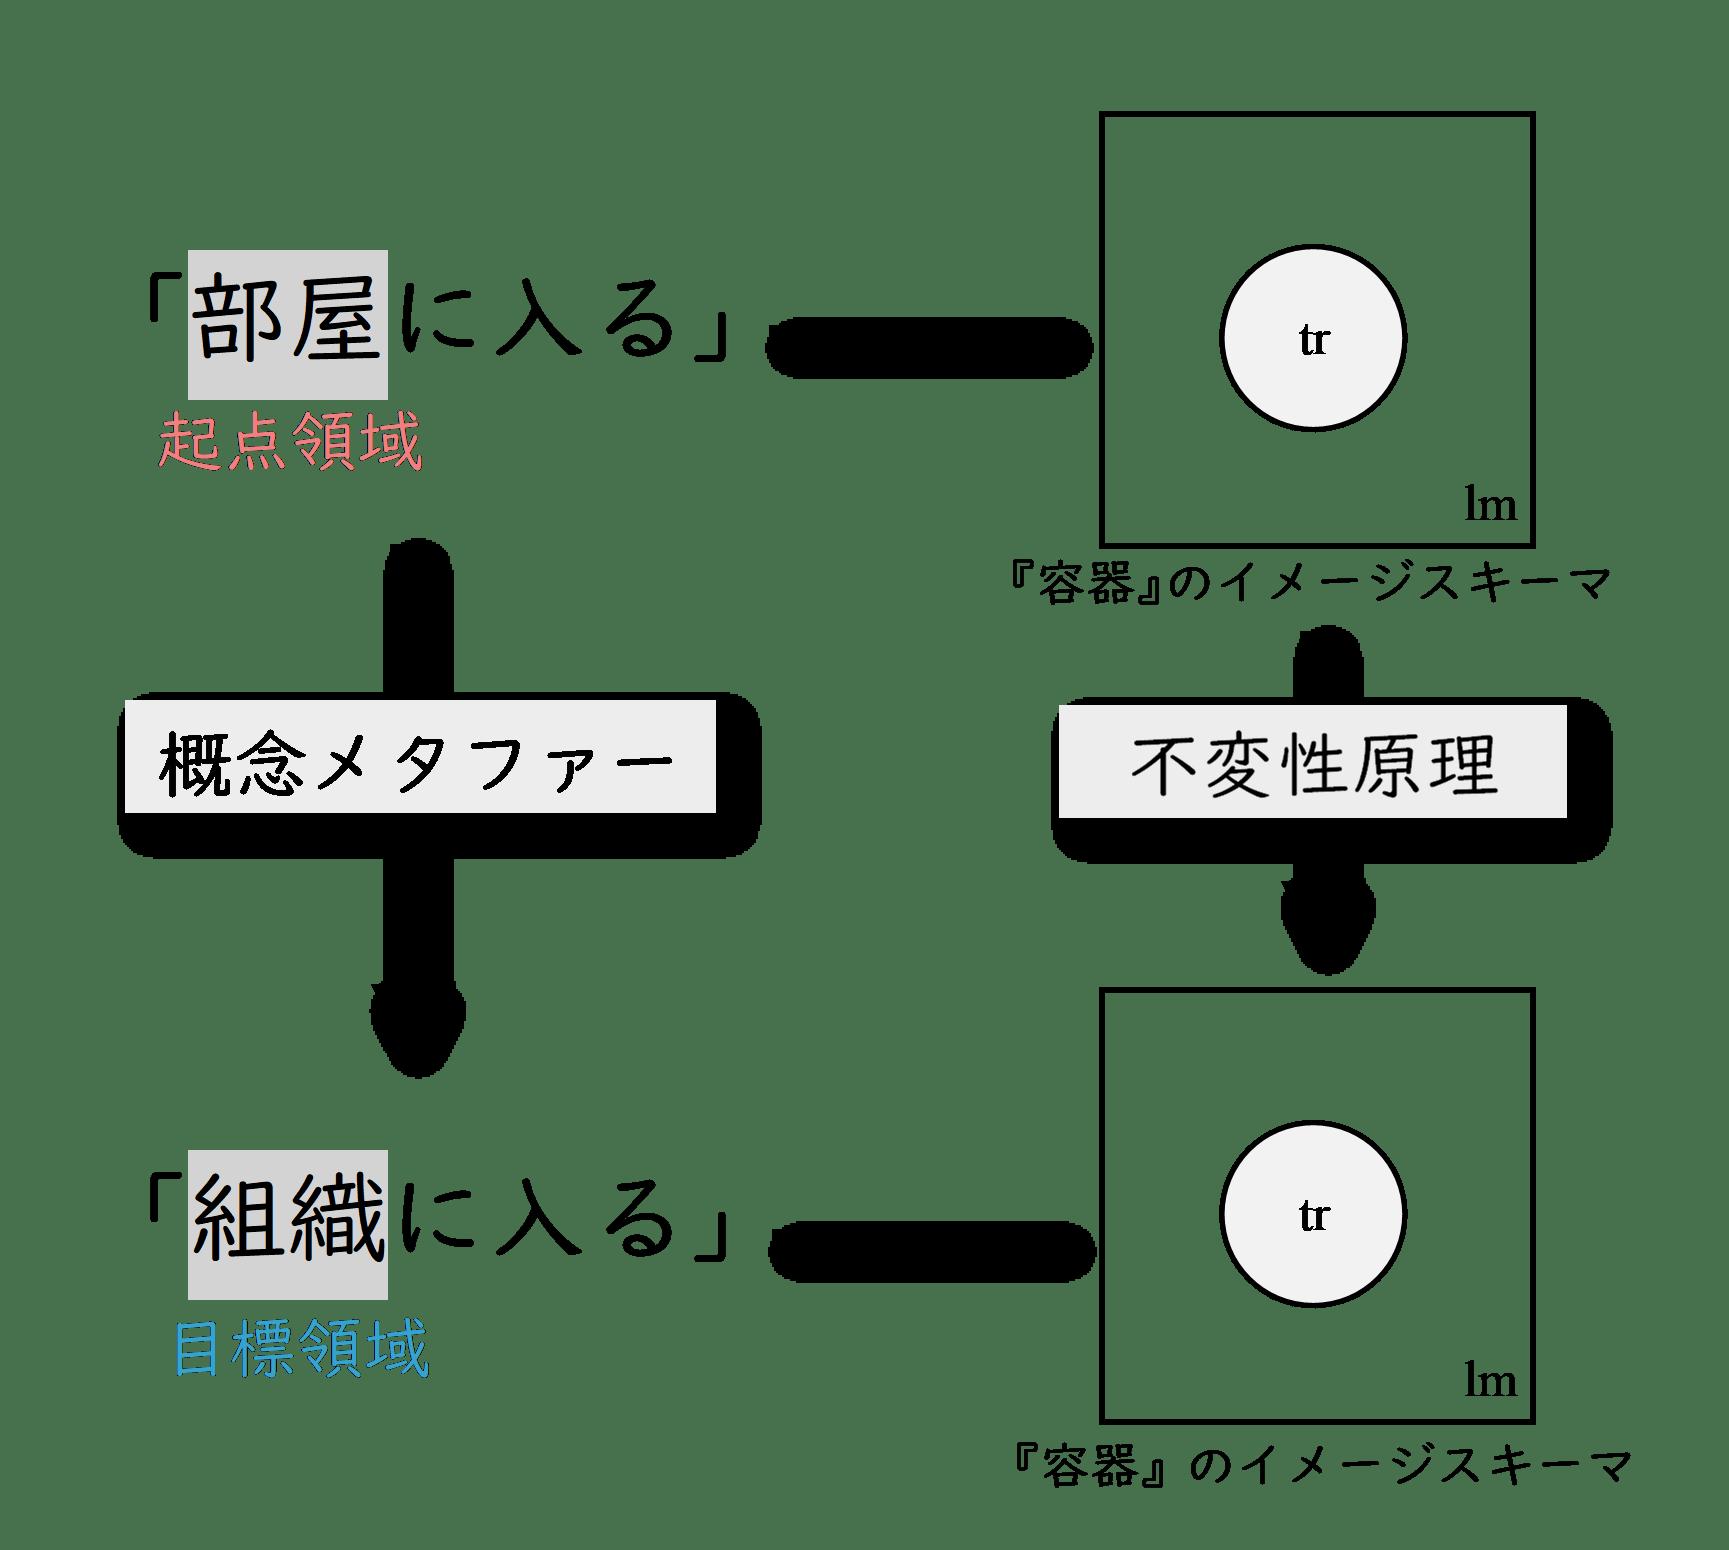 認知言語学 概念メタファー イメージスキーマ 不変性原理